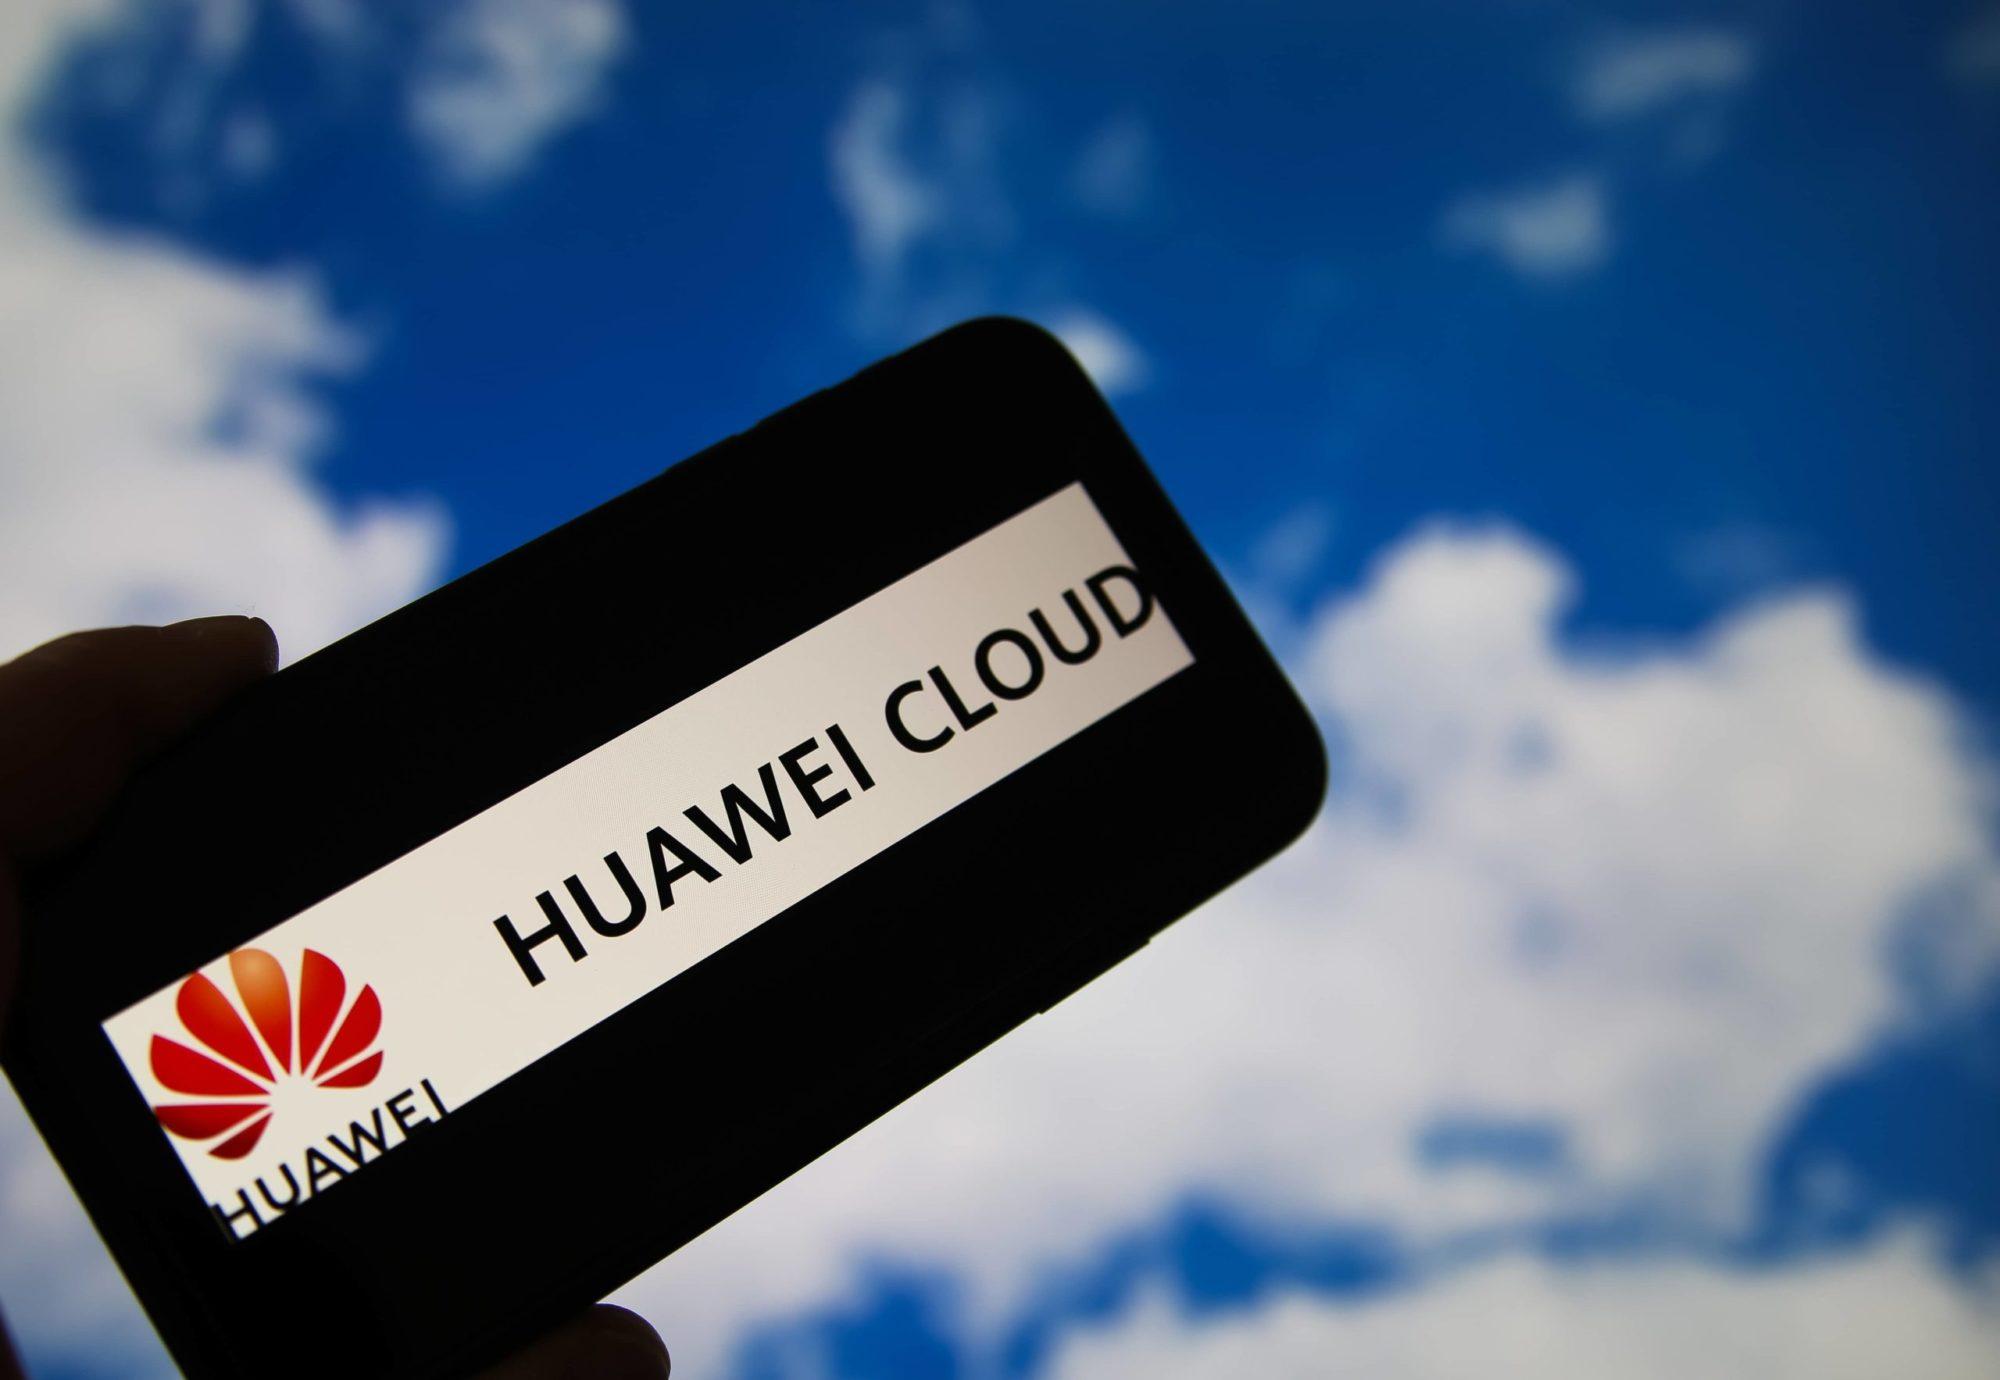 Huawei's Global Cloud Strategy